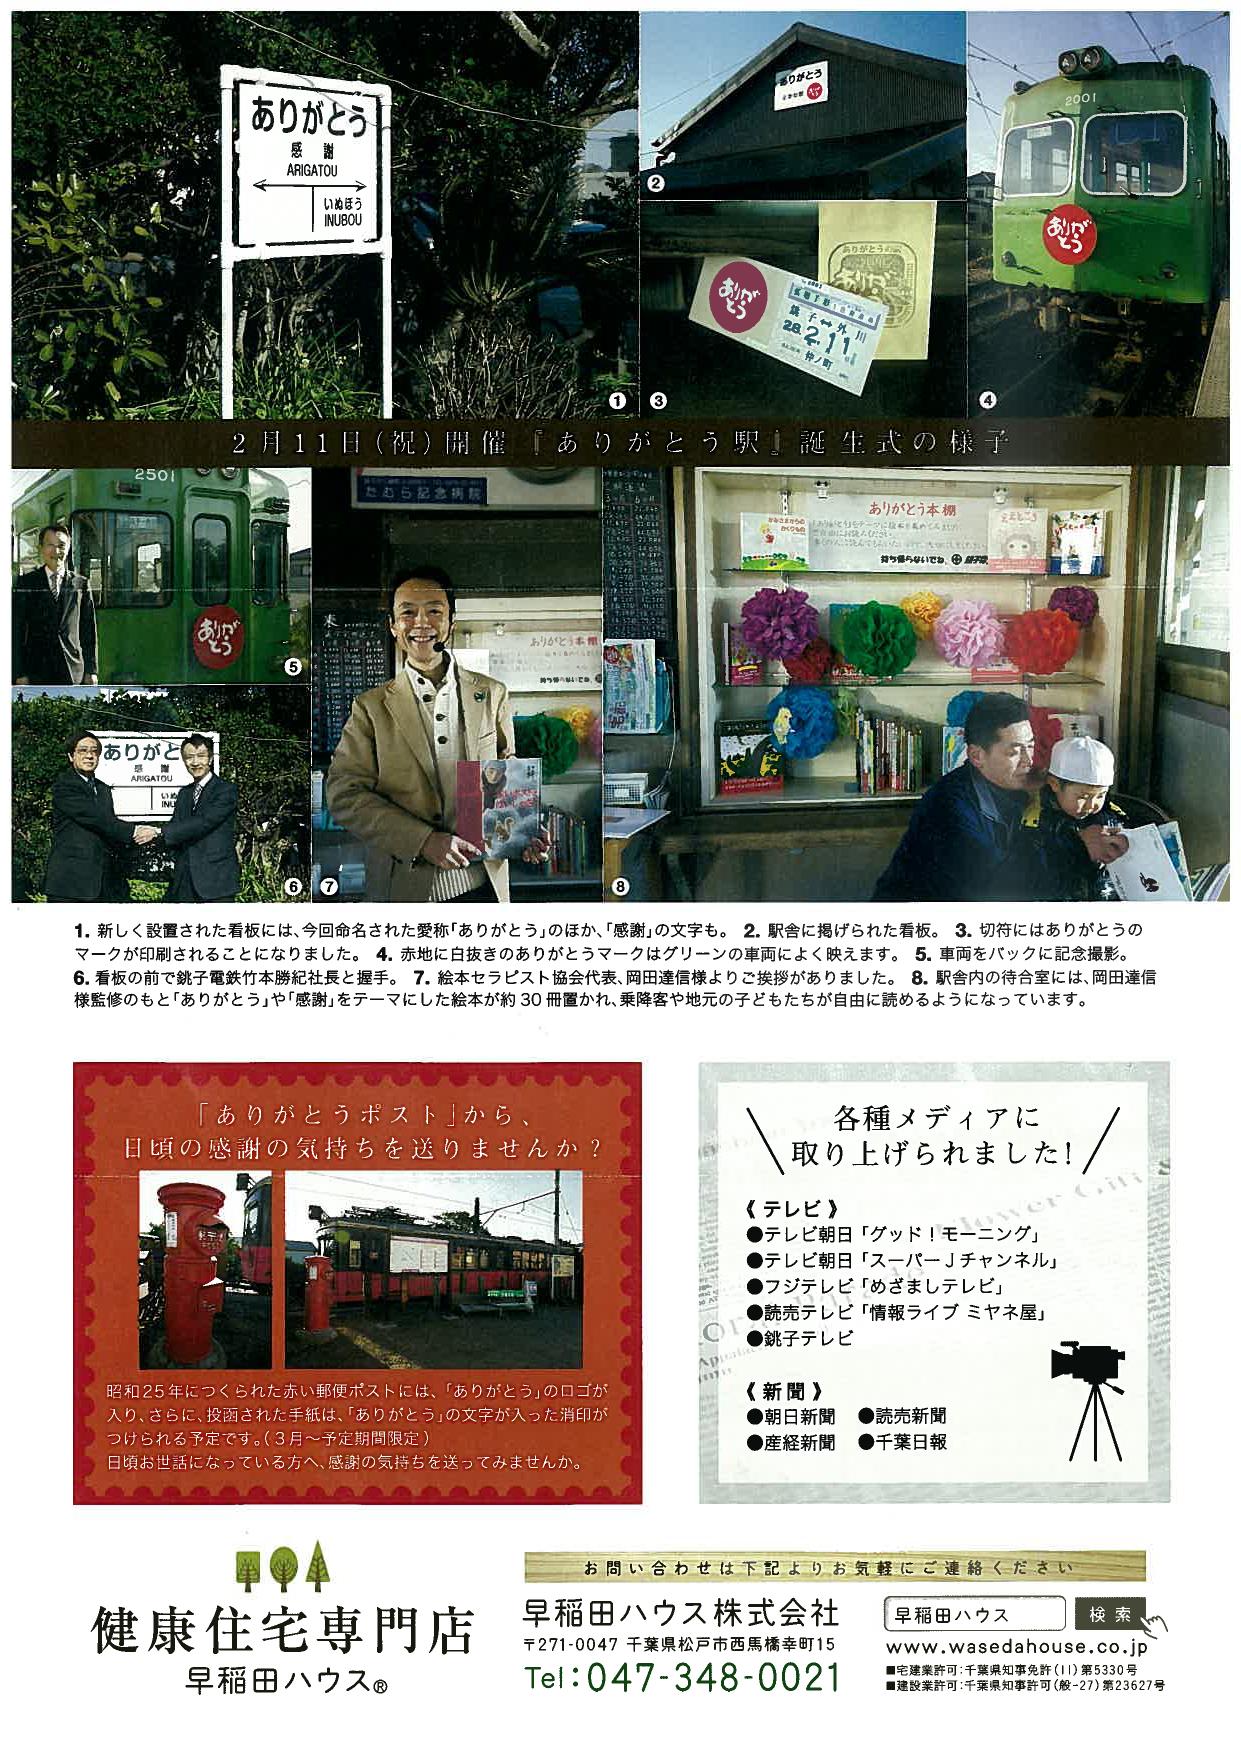 早稲田ハウス